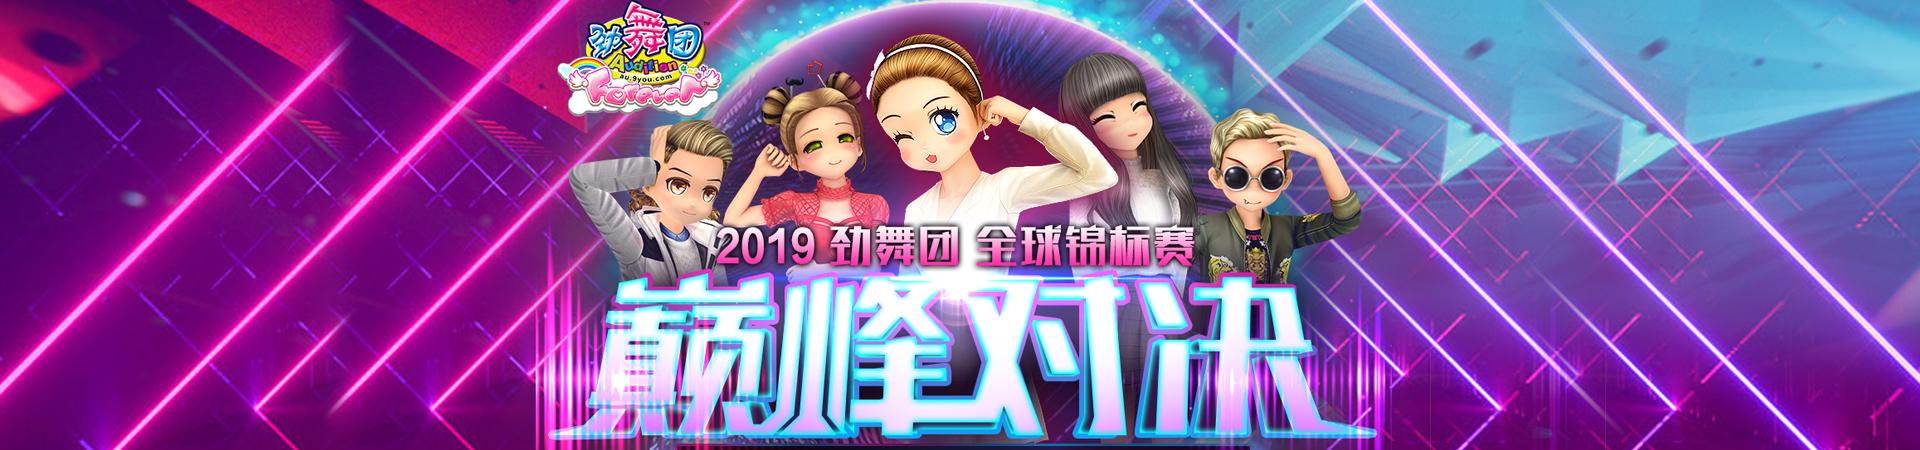 2019劲舞团全球锦标赛巅峰对决